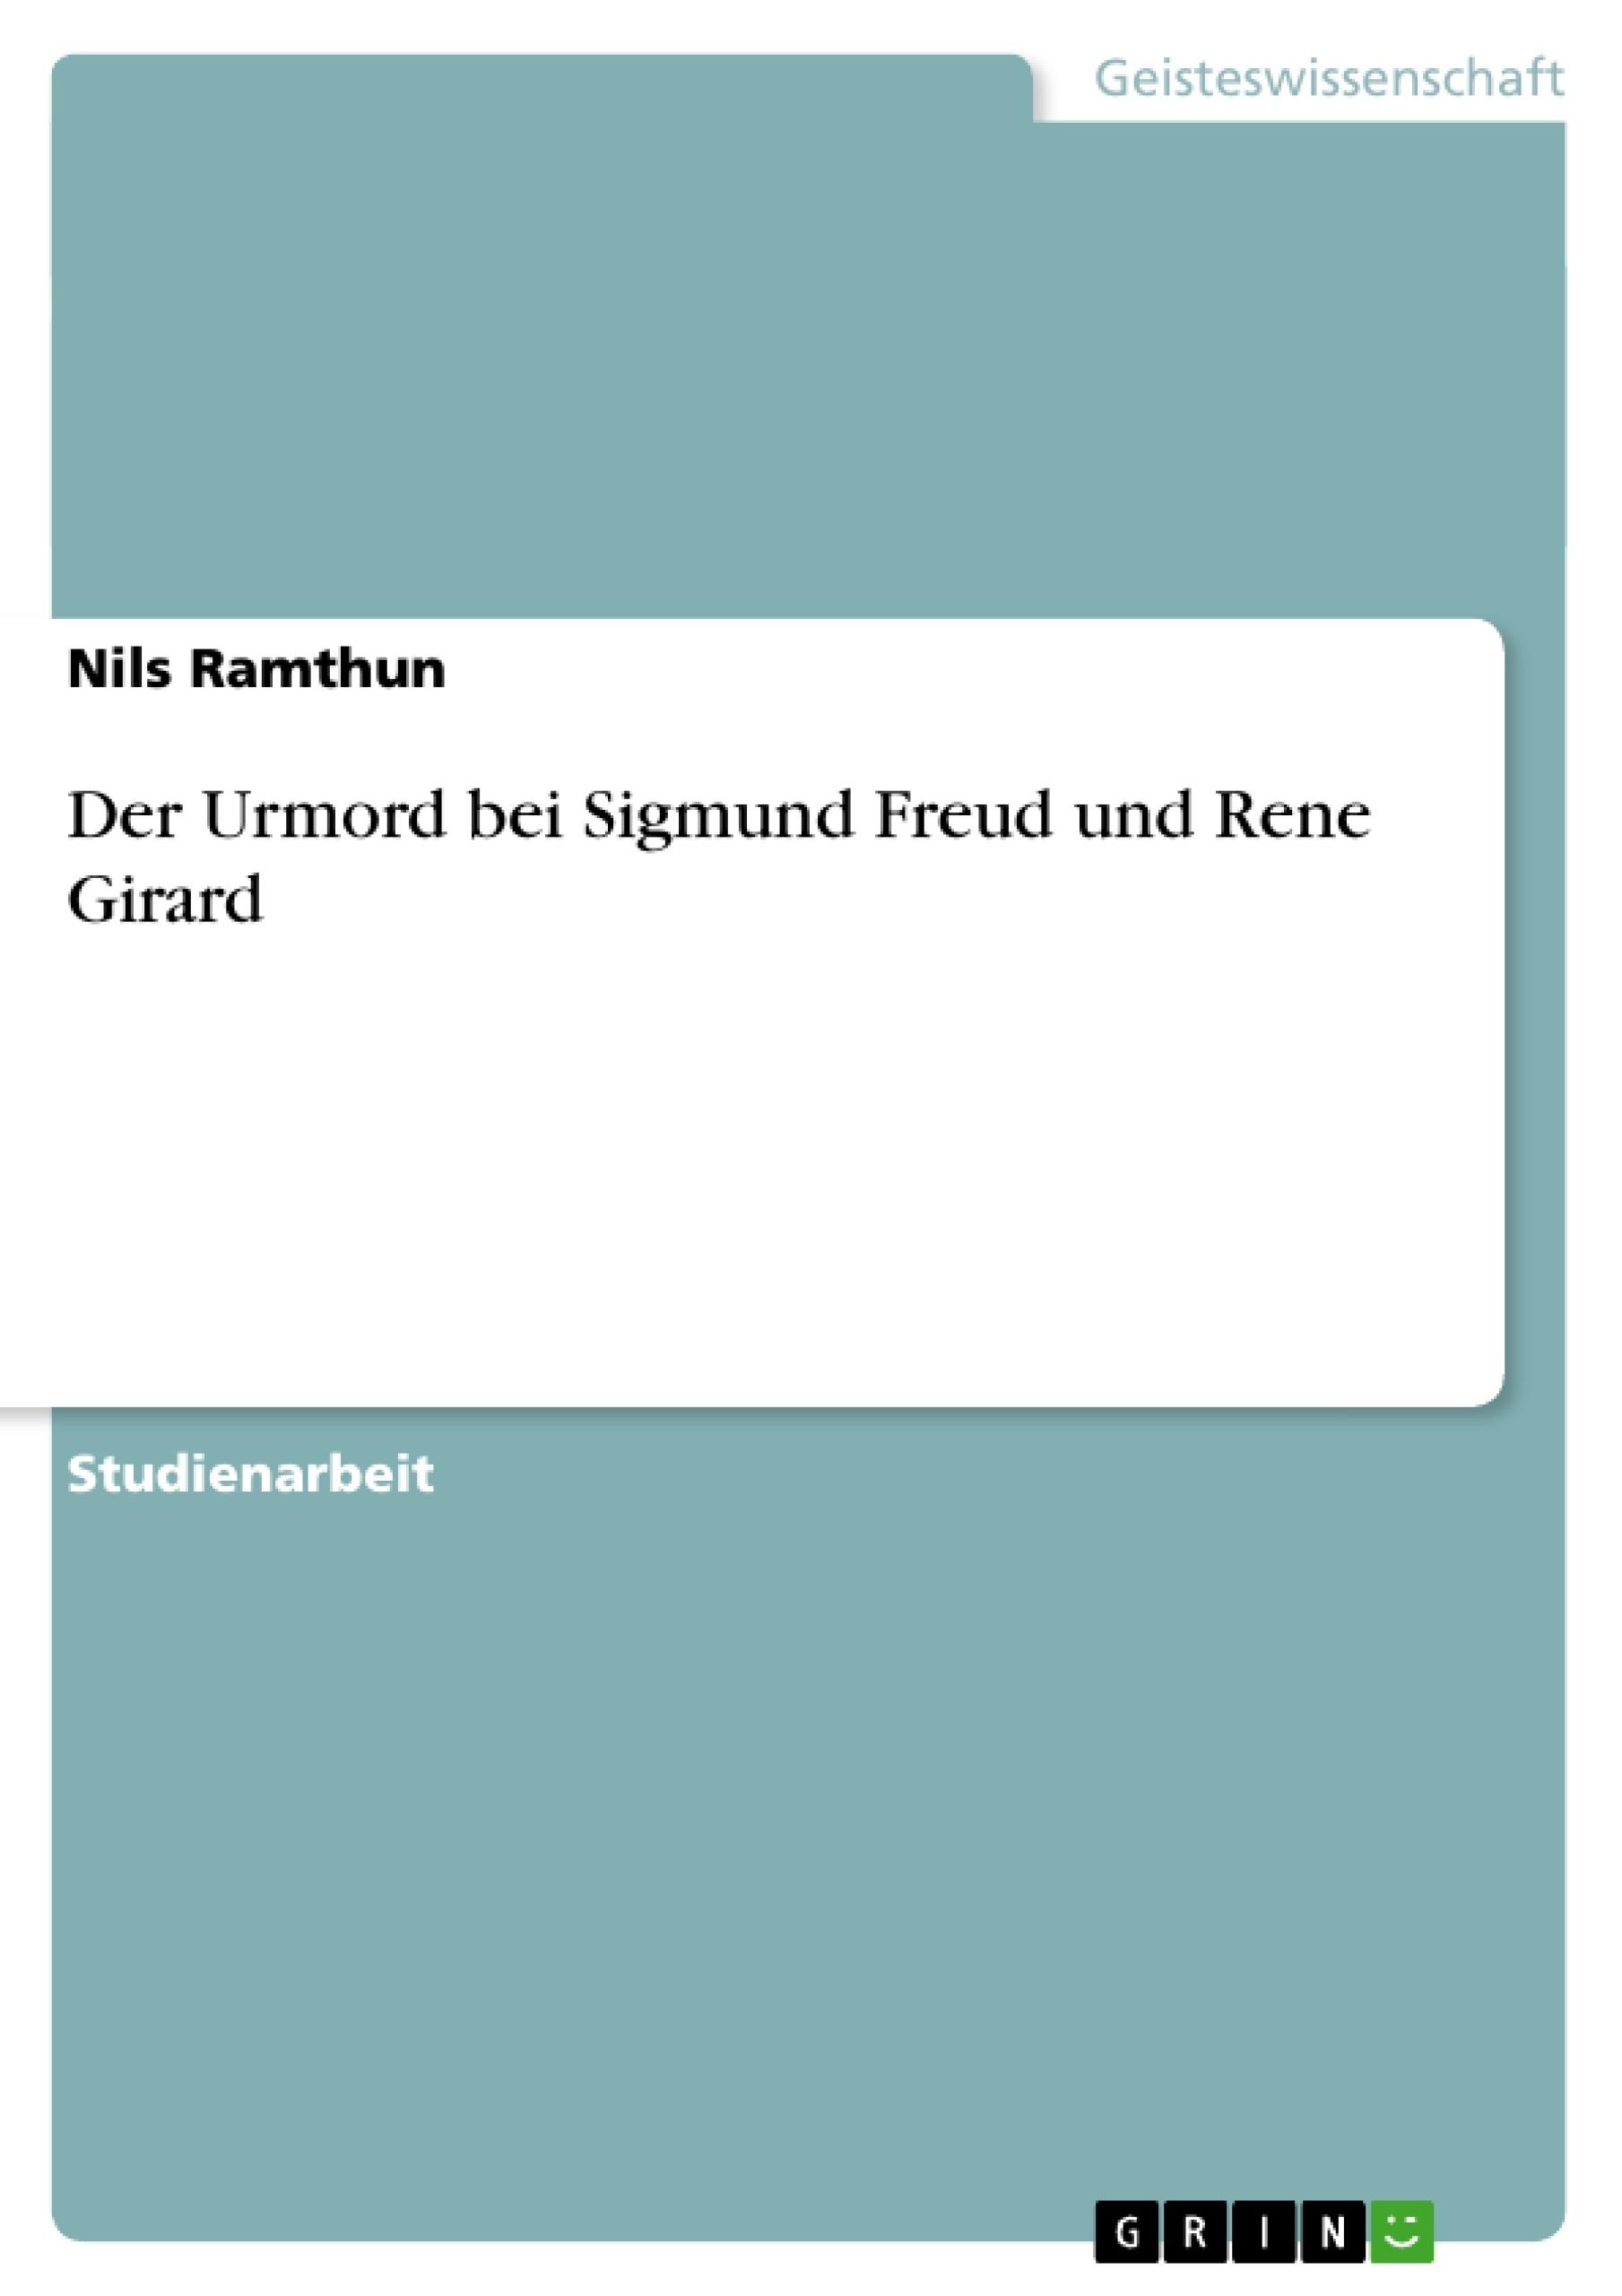 Titel: Der Urmord bei Sigmund Freud und Rene Girard